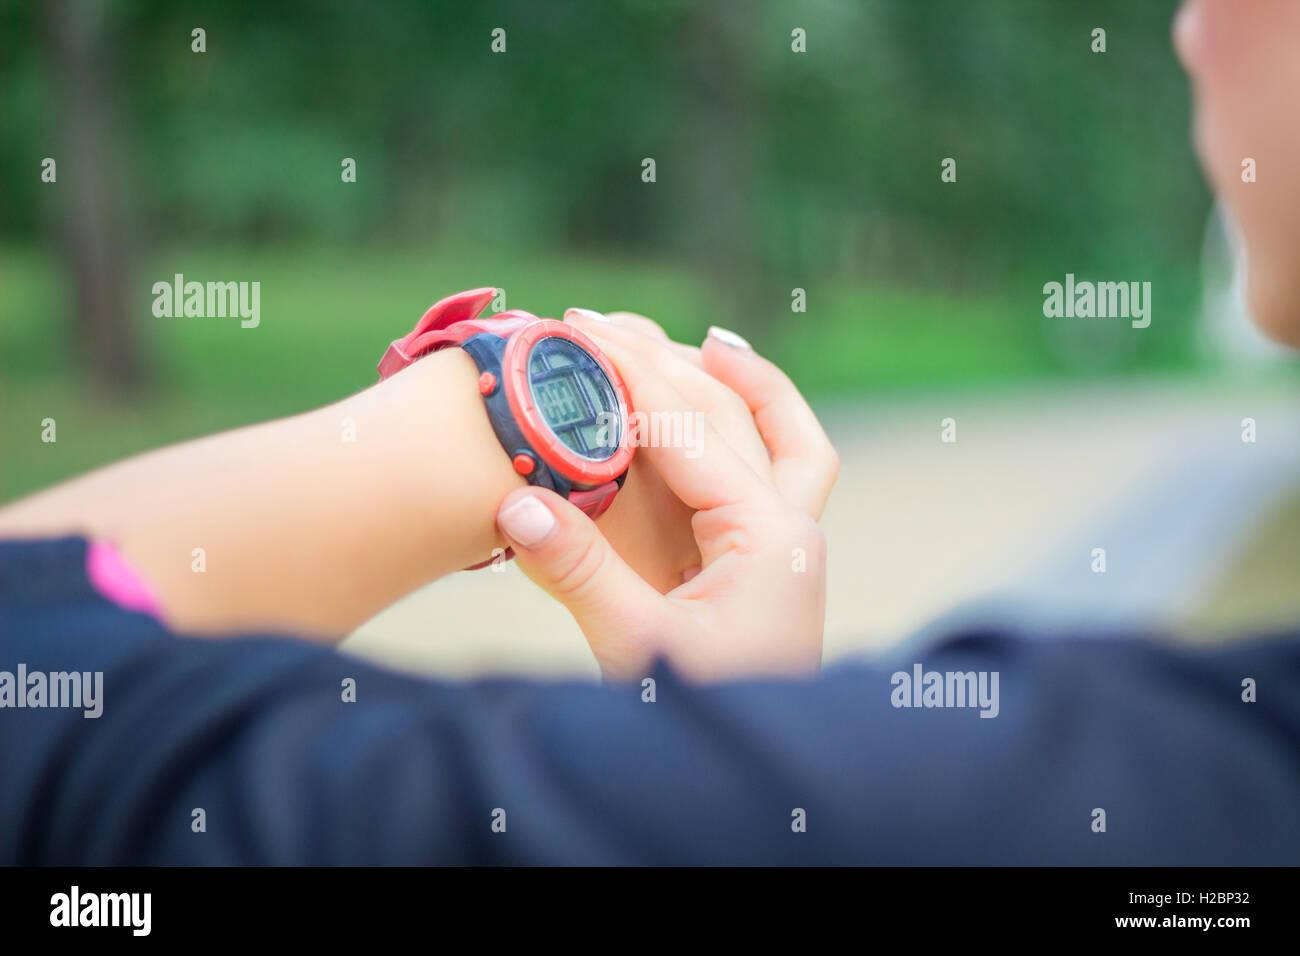 Joven chica fitness comprueba cronómetro tracker en su muñeca durante el funcionamiento de la piscina Imagen De Stock